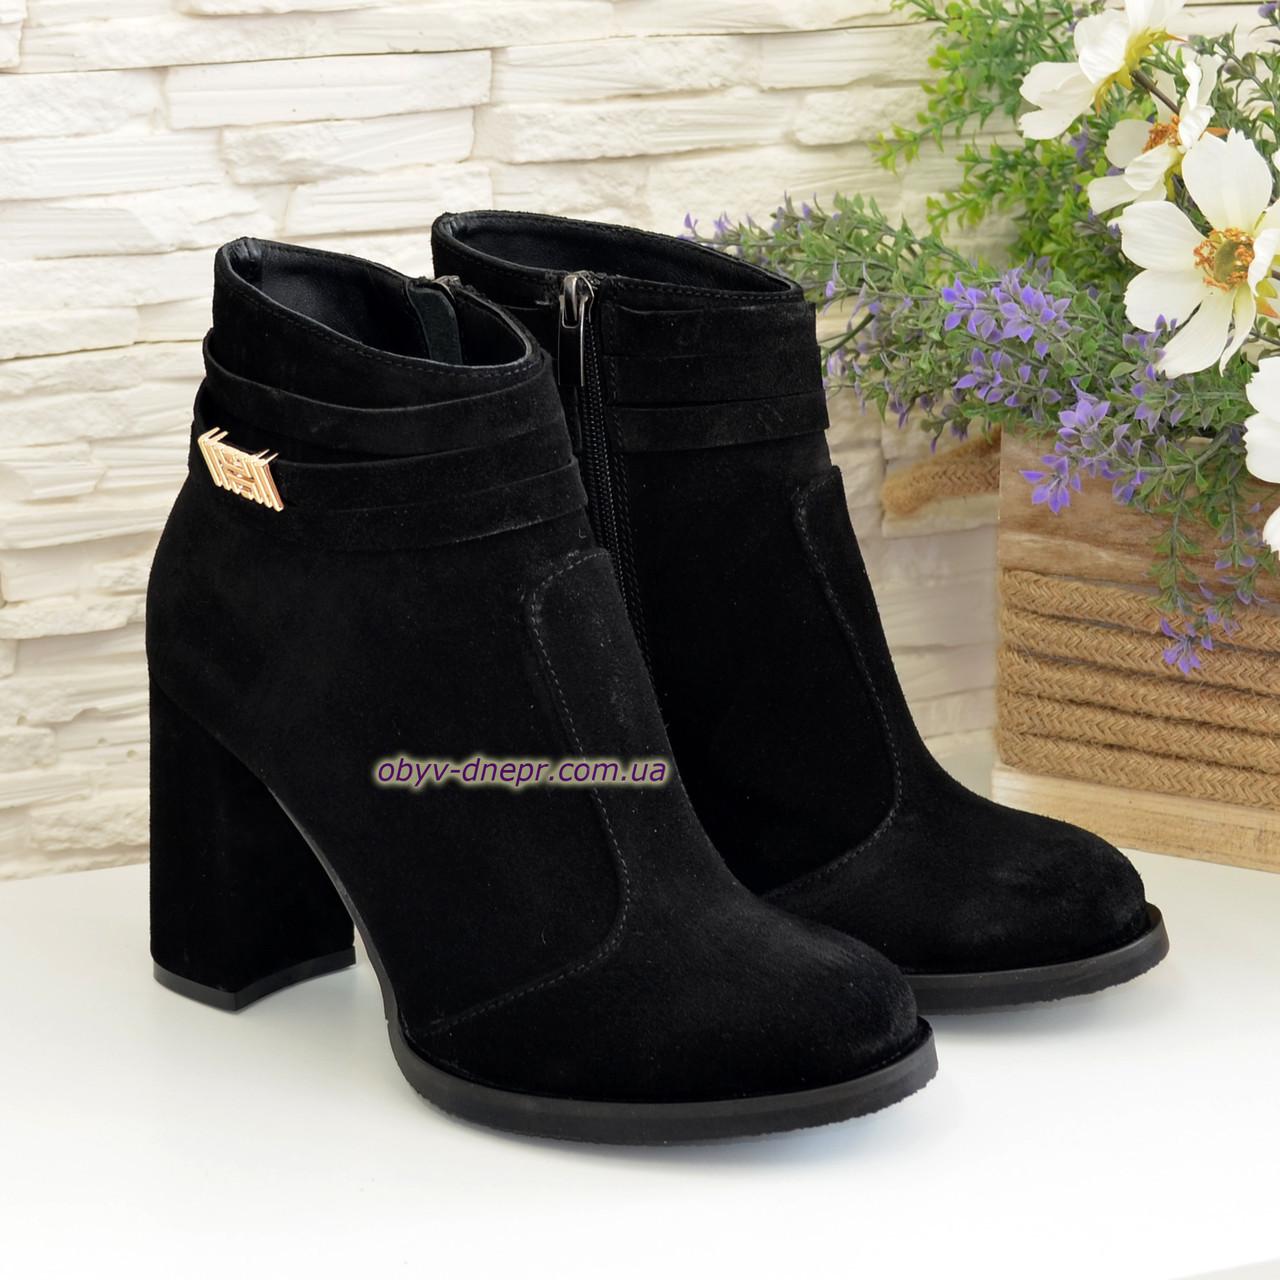 Ботинки демисезонные женские замшевые на устойчивом каблуке, цвет черный